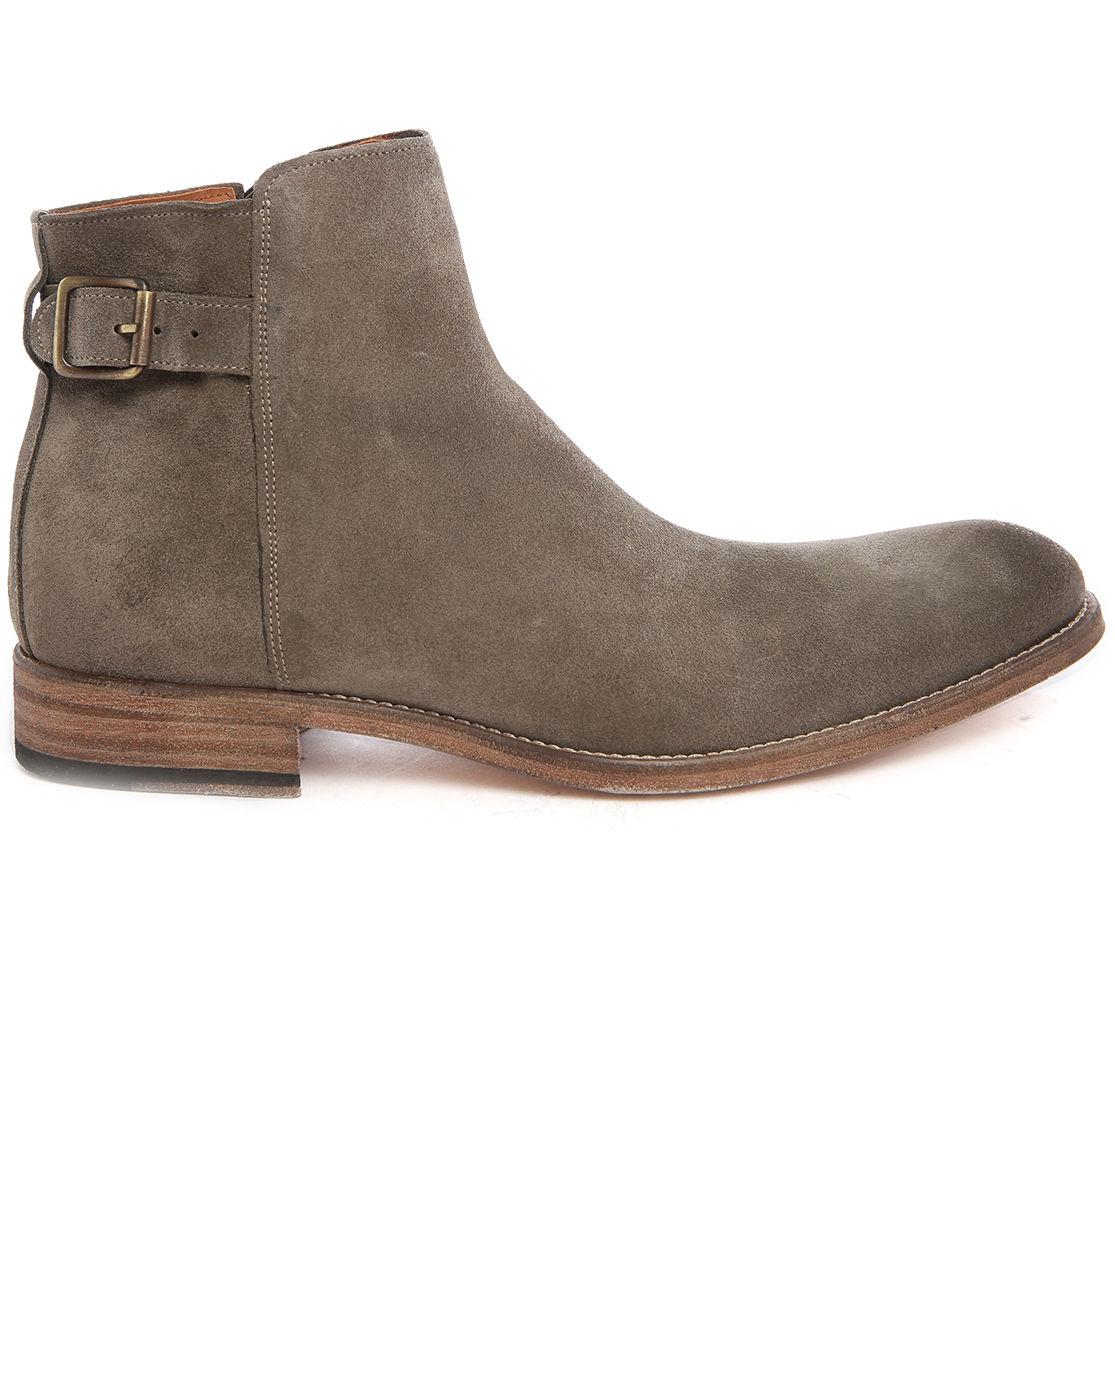 anthology camel suede desert boots in natural for men lyst. Black Bedroom Furniture Sets. Home Design Ideas